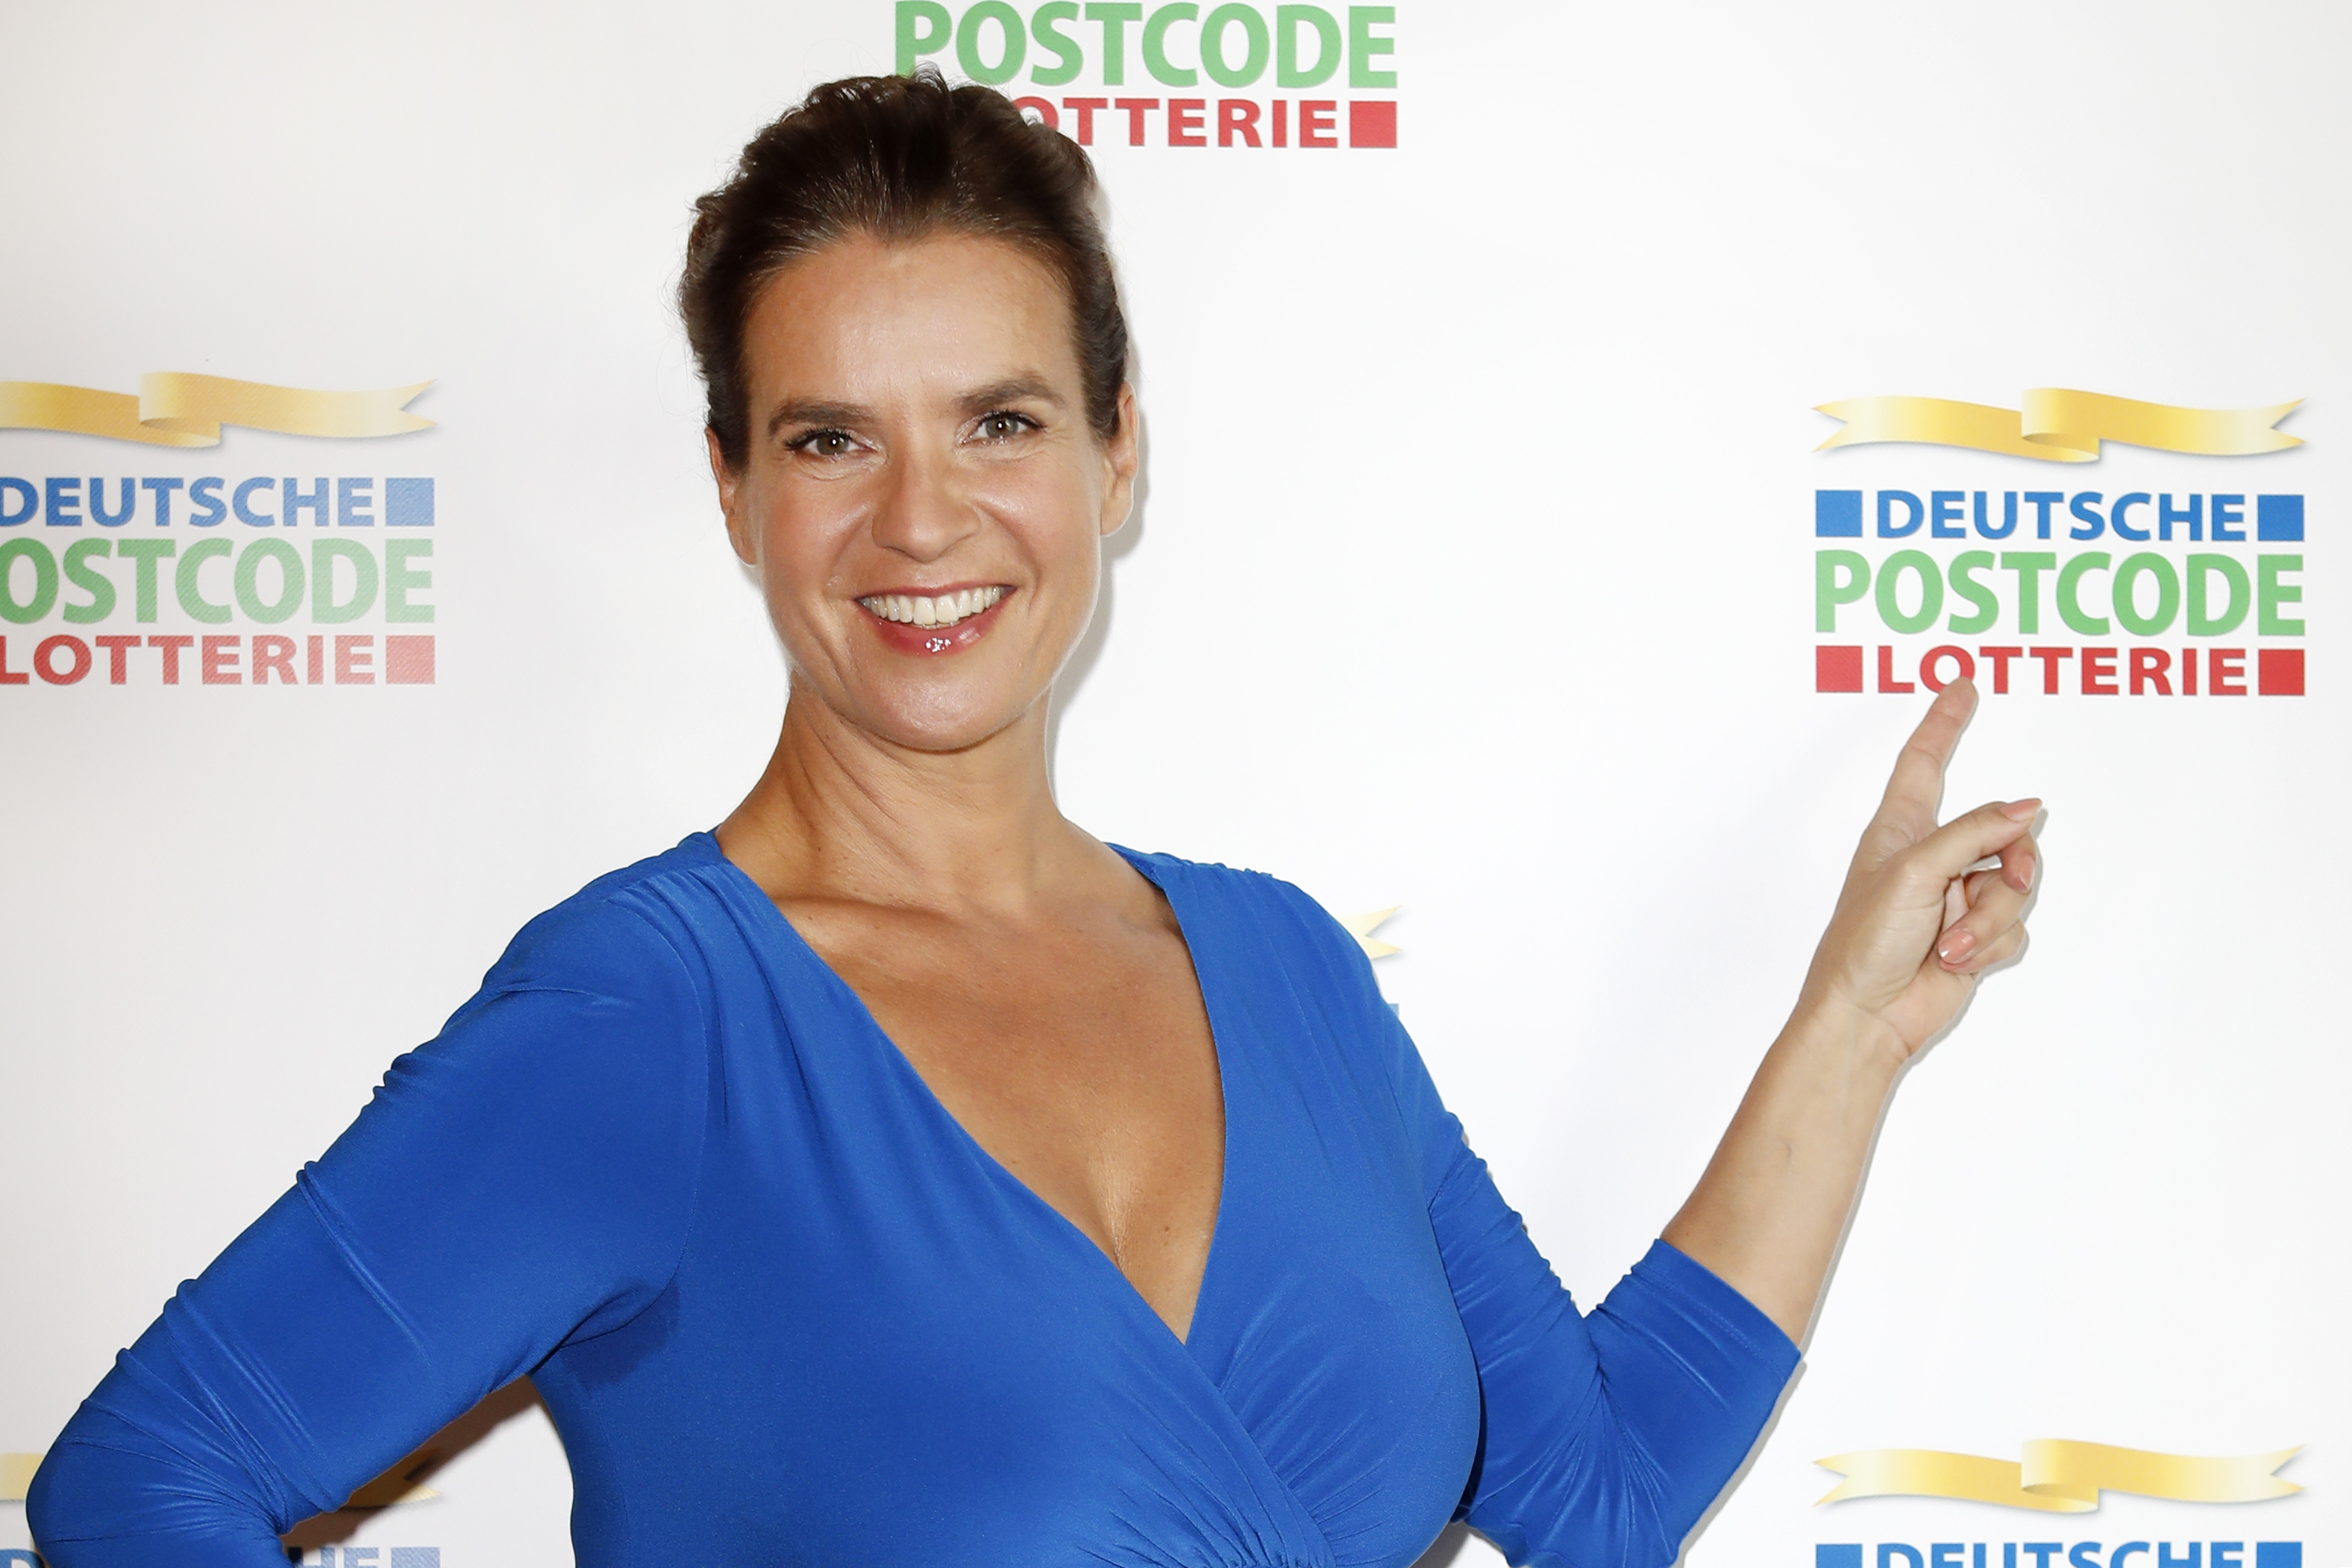 Deutsche Postcode Lotterie Gewinner